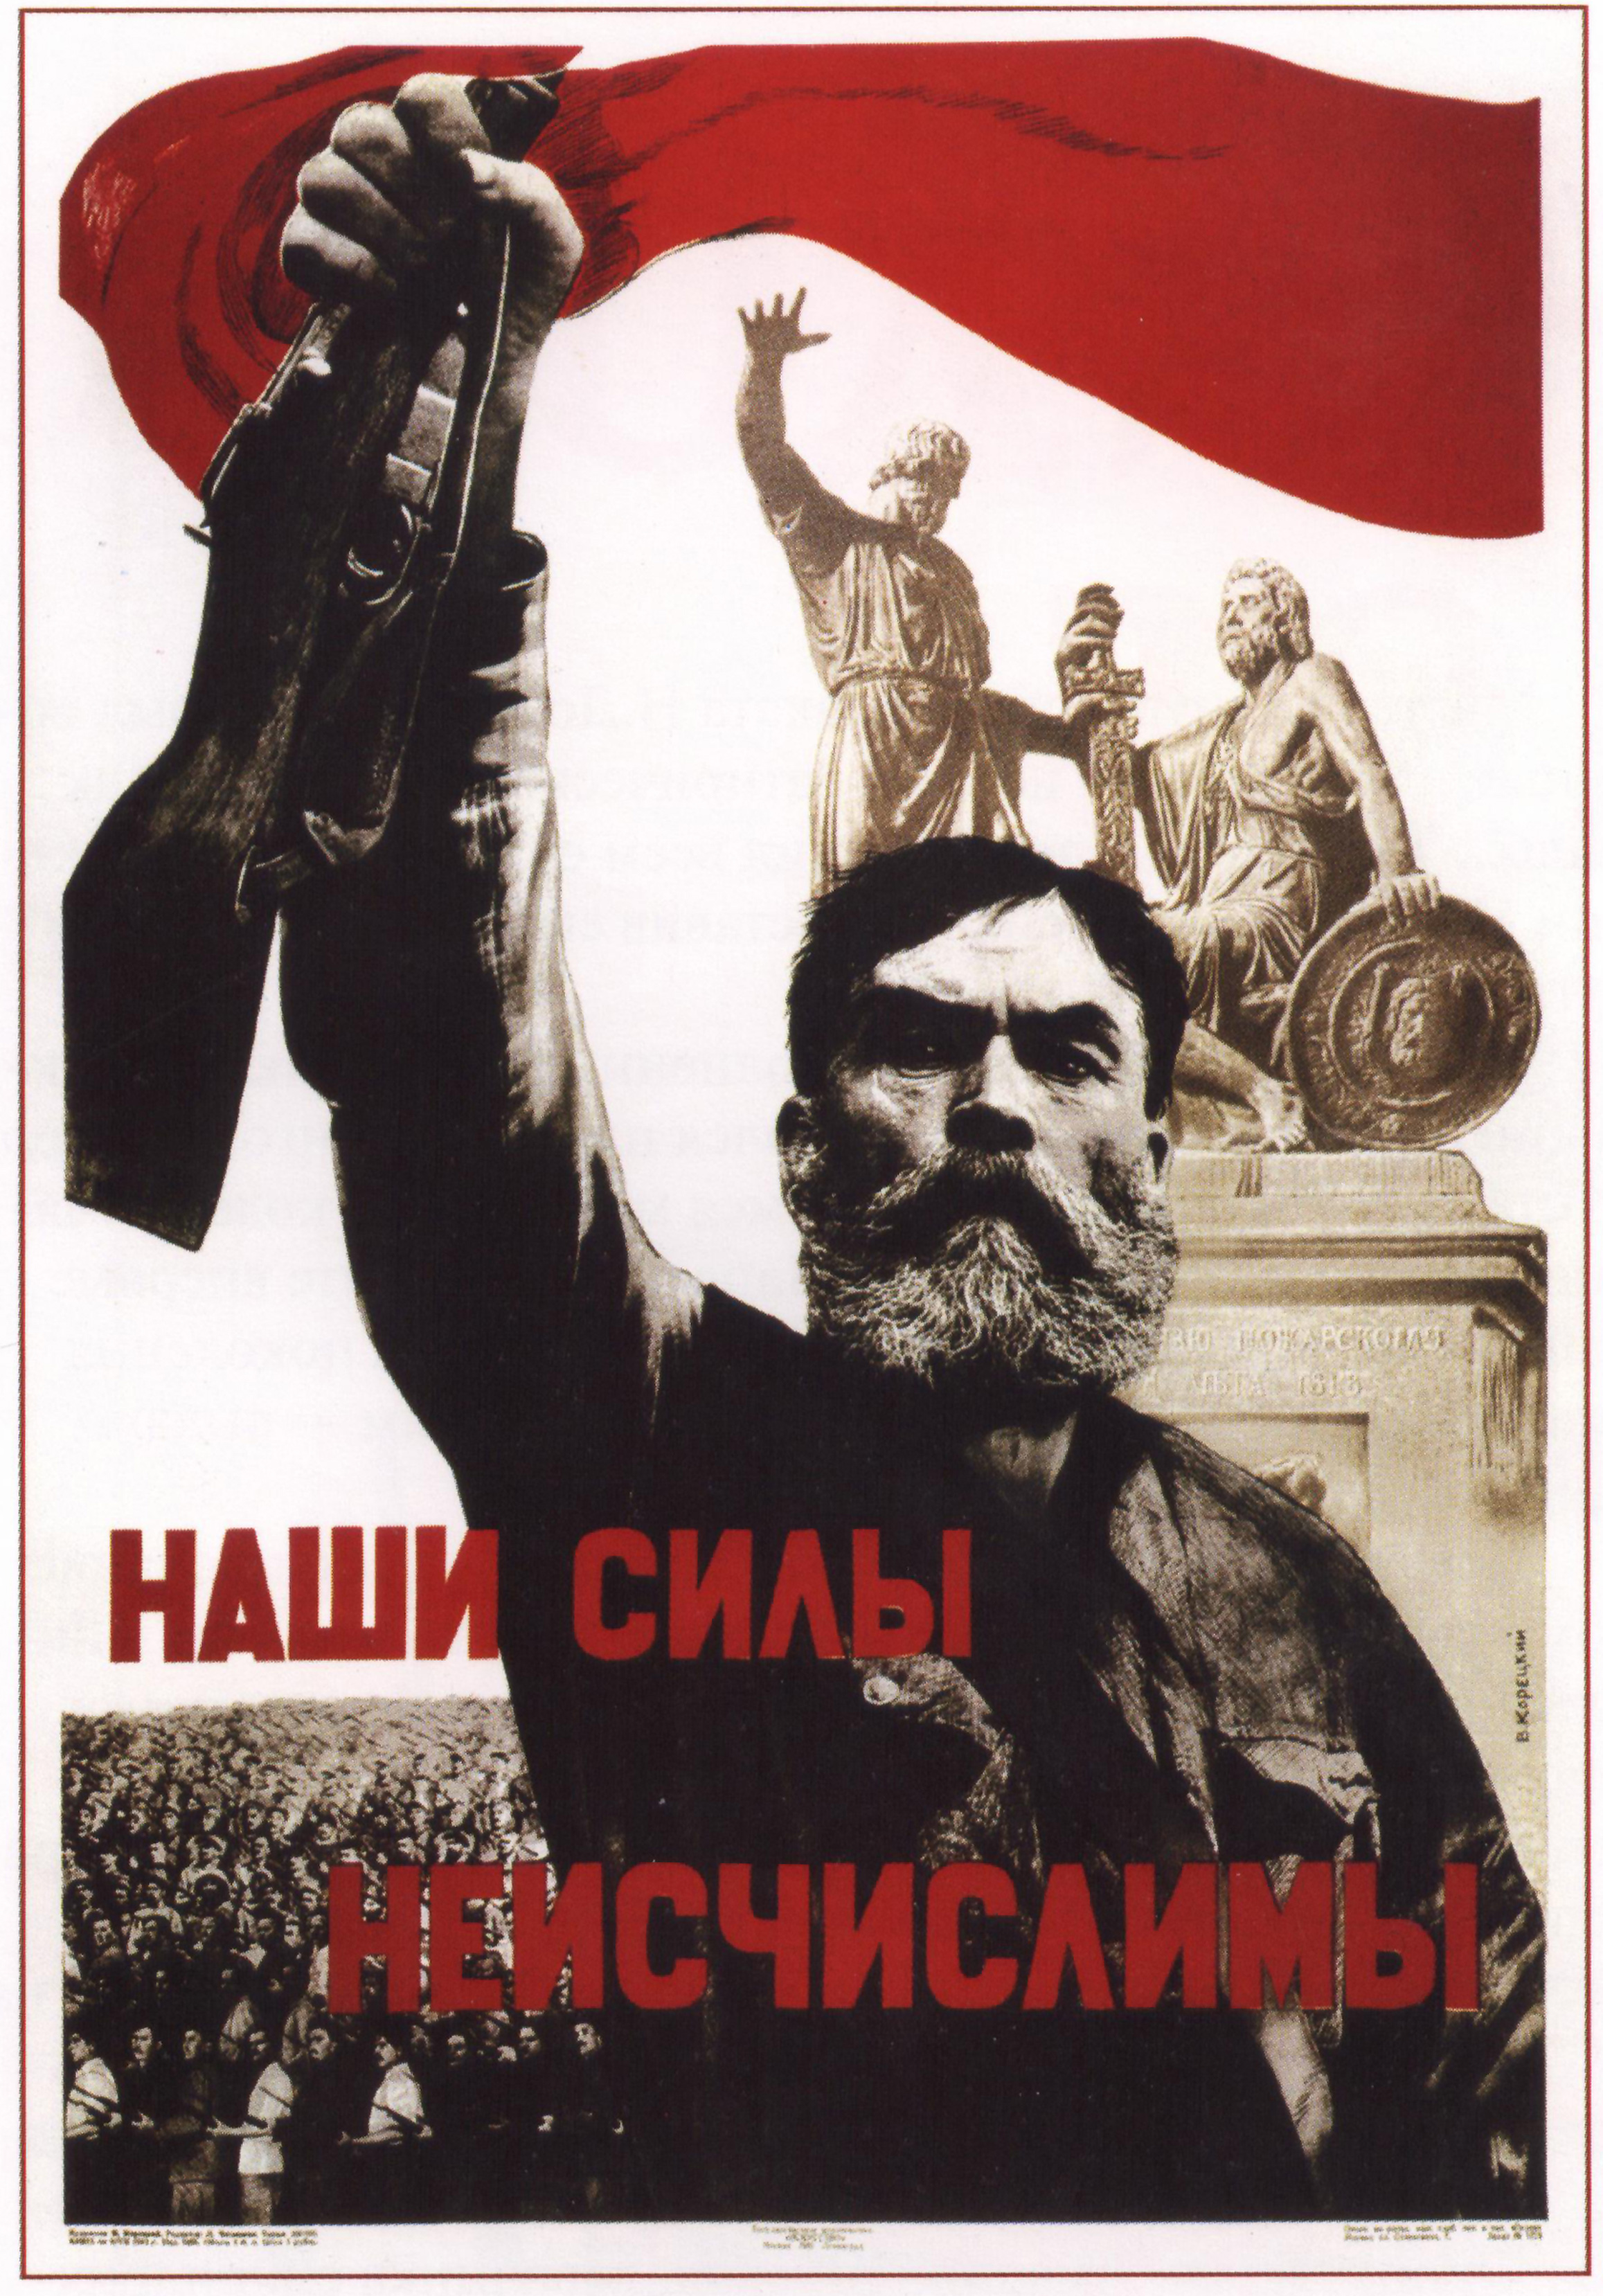 """""""Наши силы неисчислимы"""". 1941 год. Советский плакат. Автор: Корецкий В."""